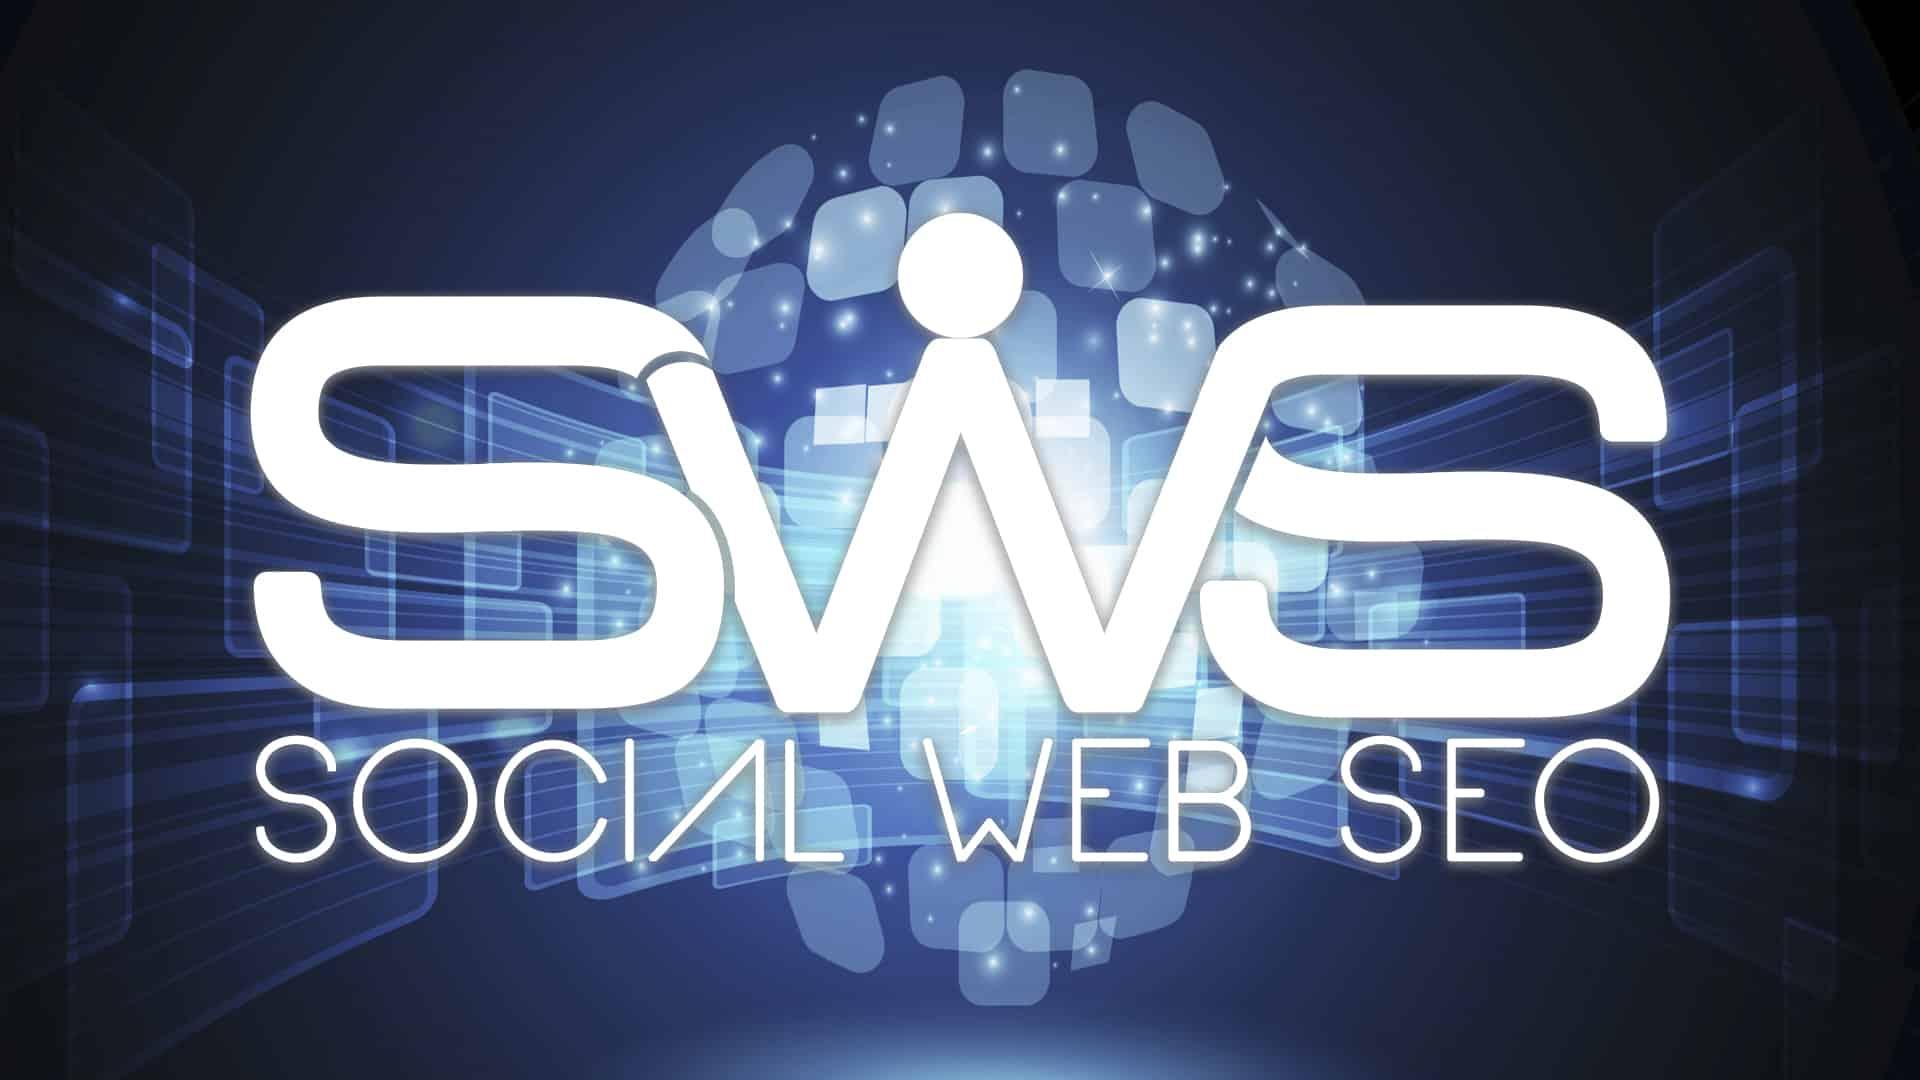 Social Web SEO - Pioneros en el Marketing Social Digital - Primera Consultora SEO en Venezuela 1 (3)